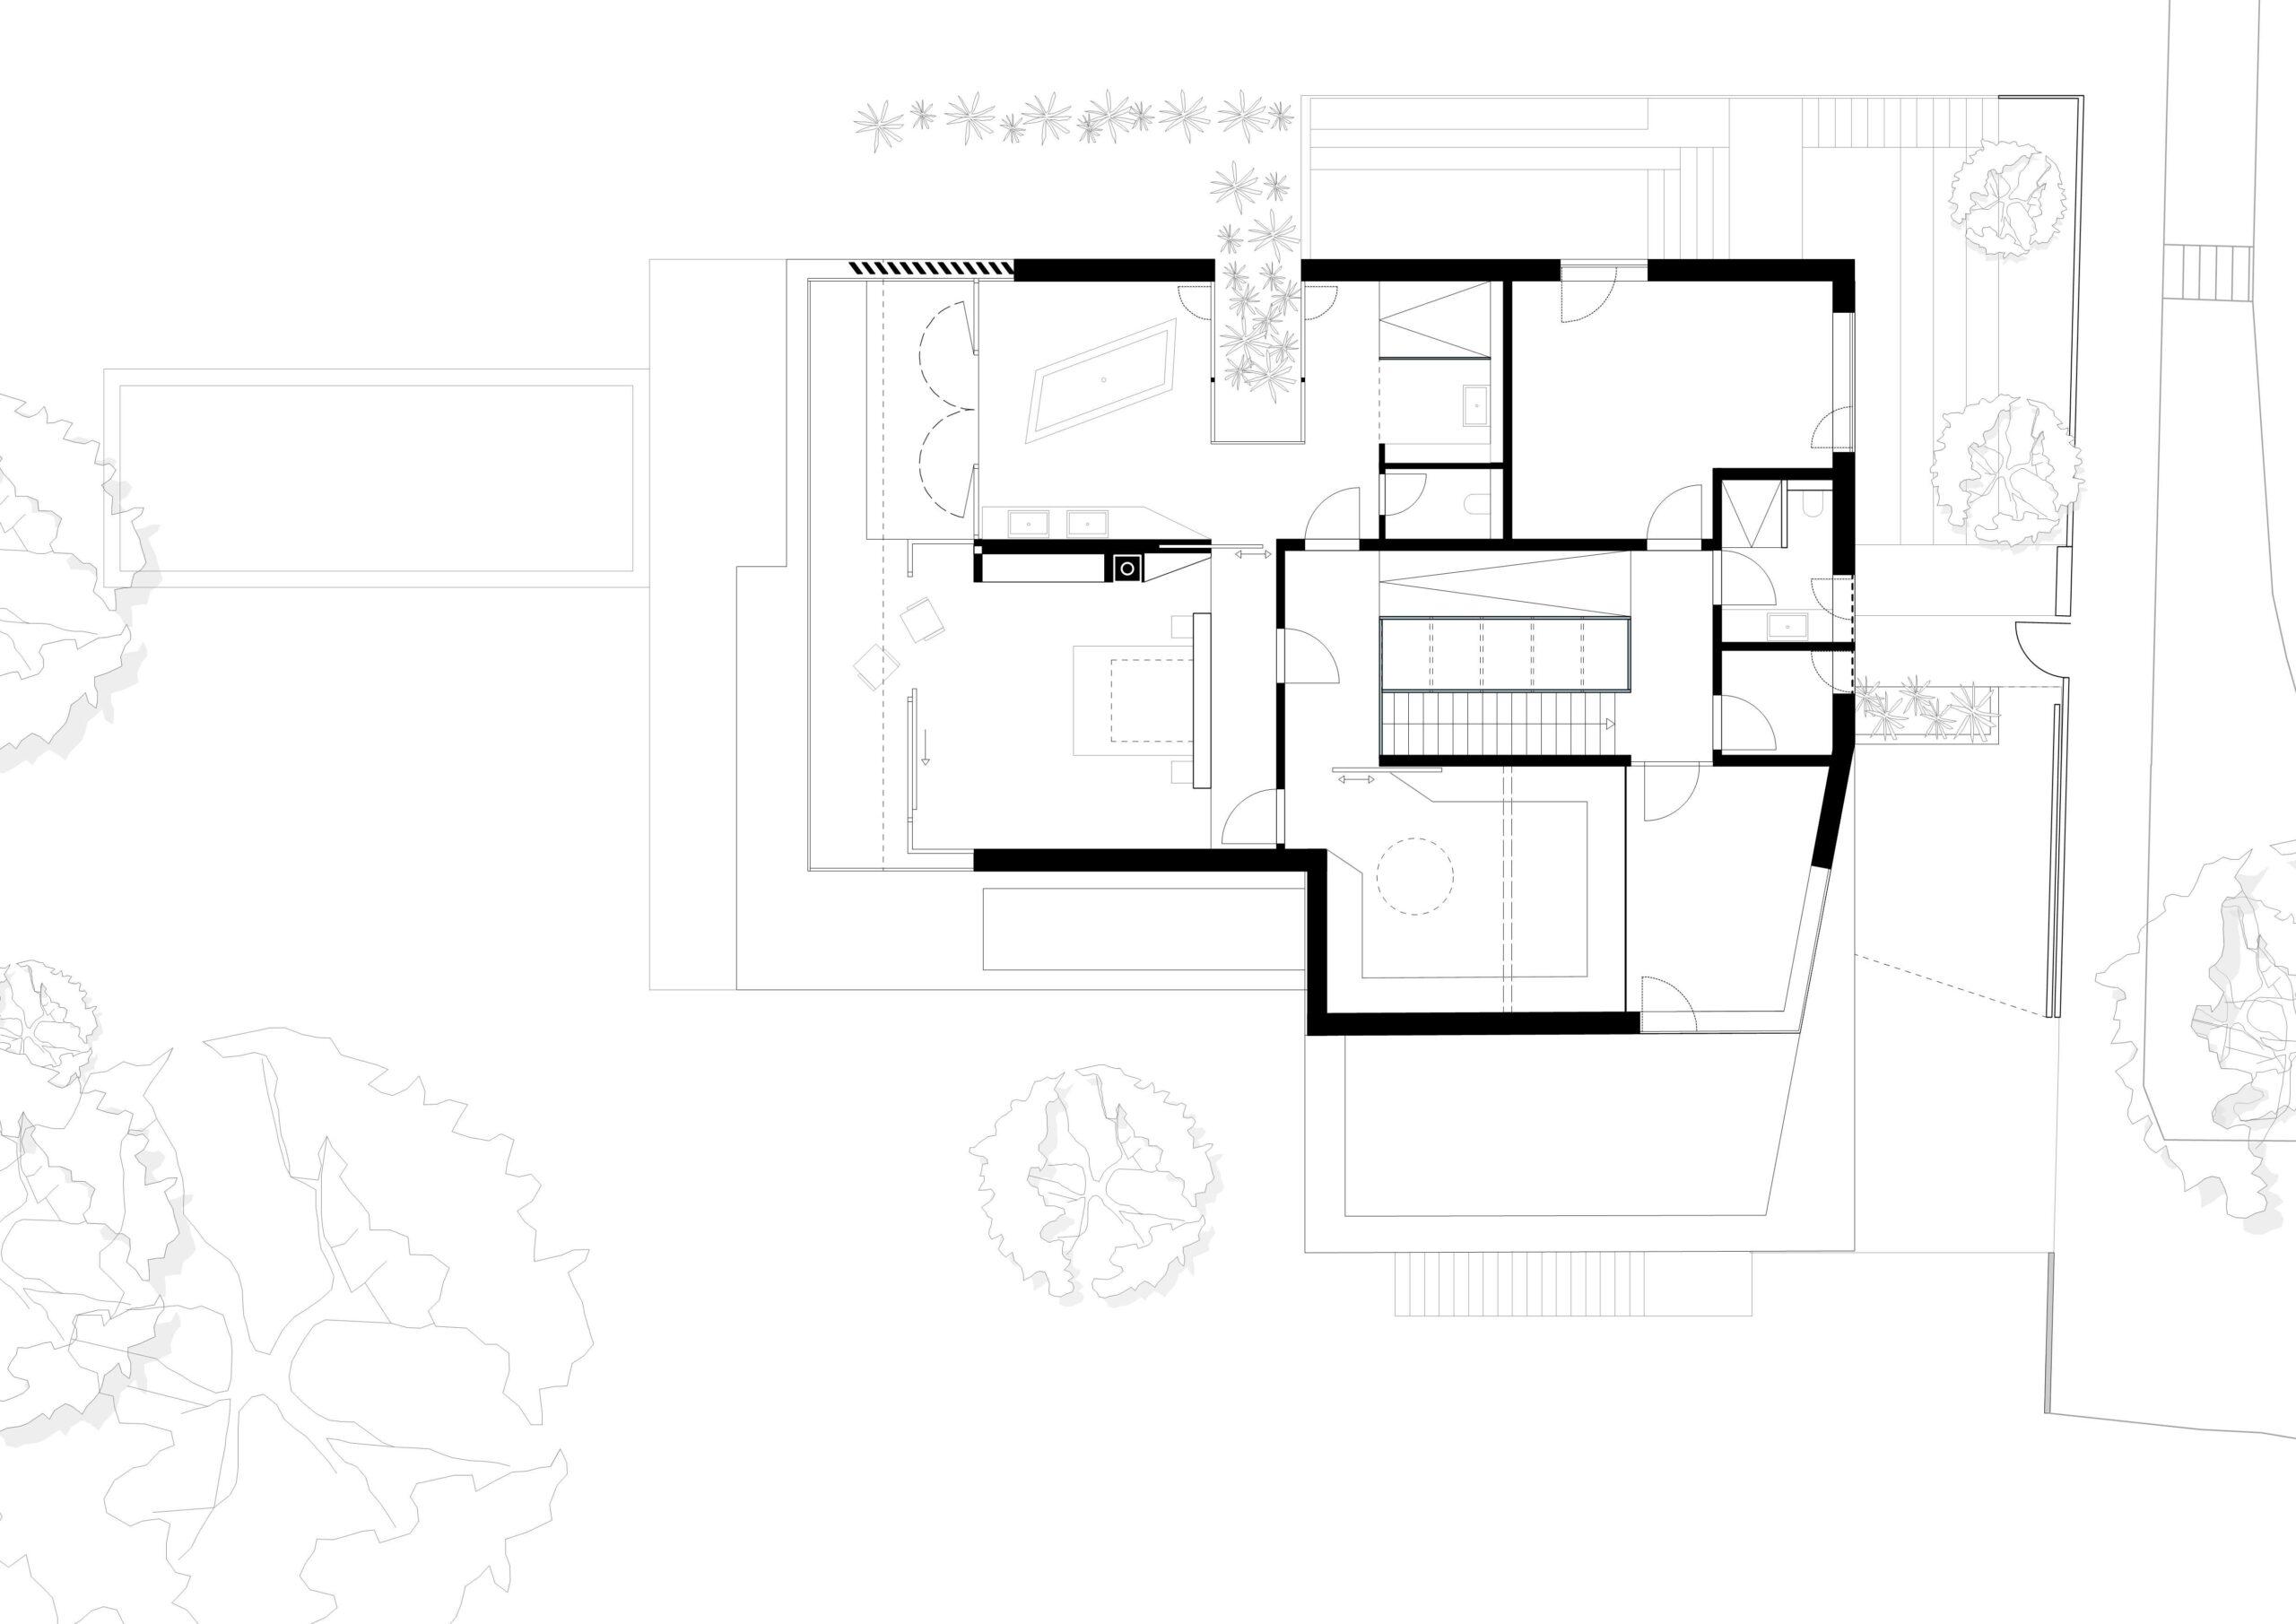 296_Grundriss_Obergeschoss_Villa_P_FFM_ARCHITEKTEN